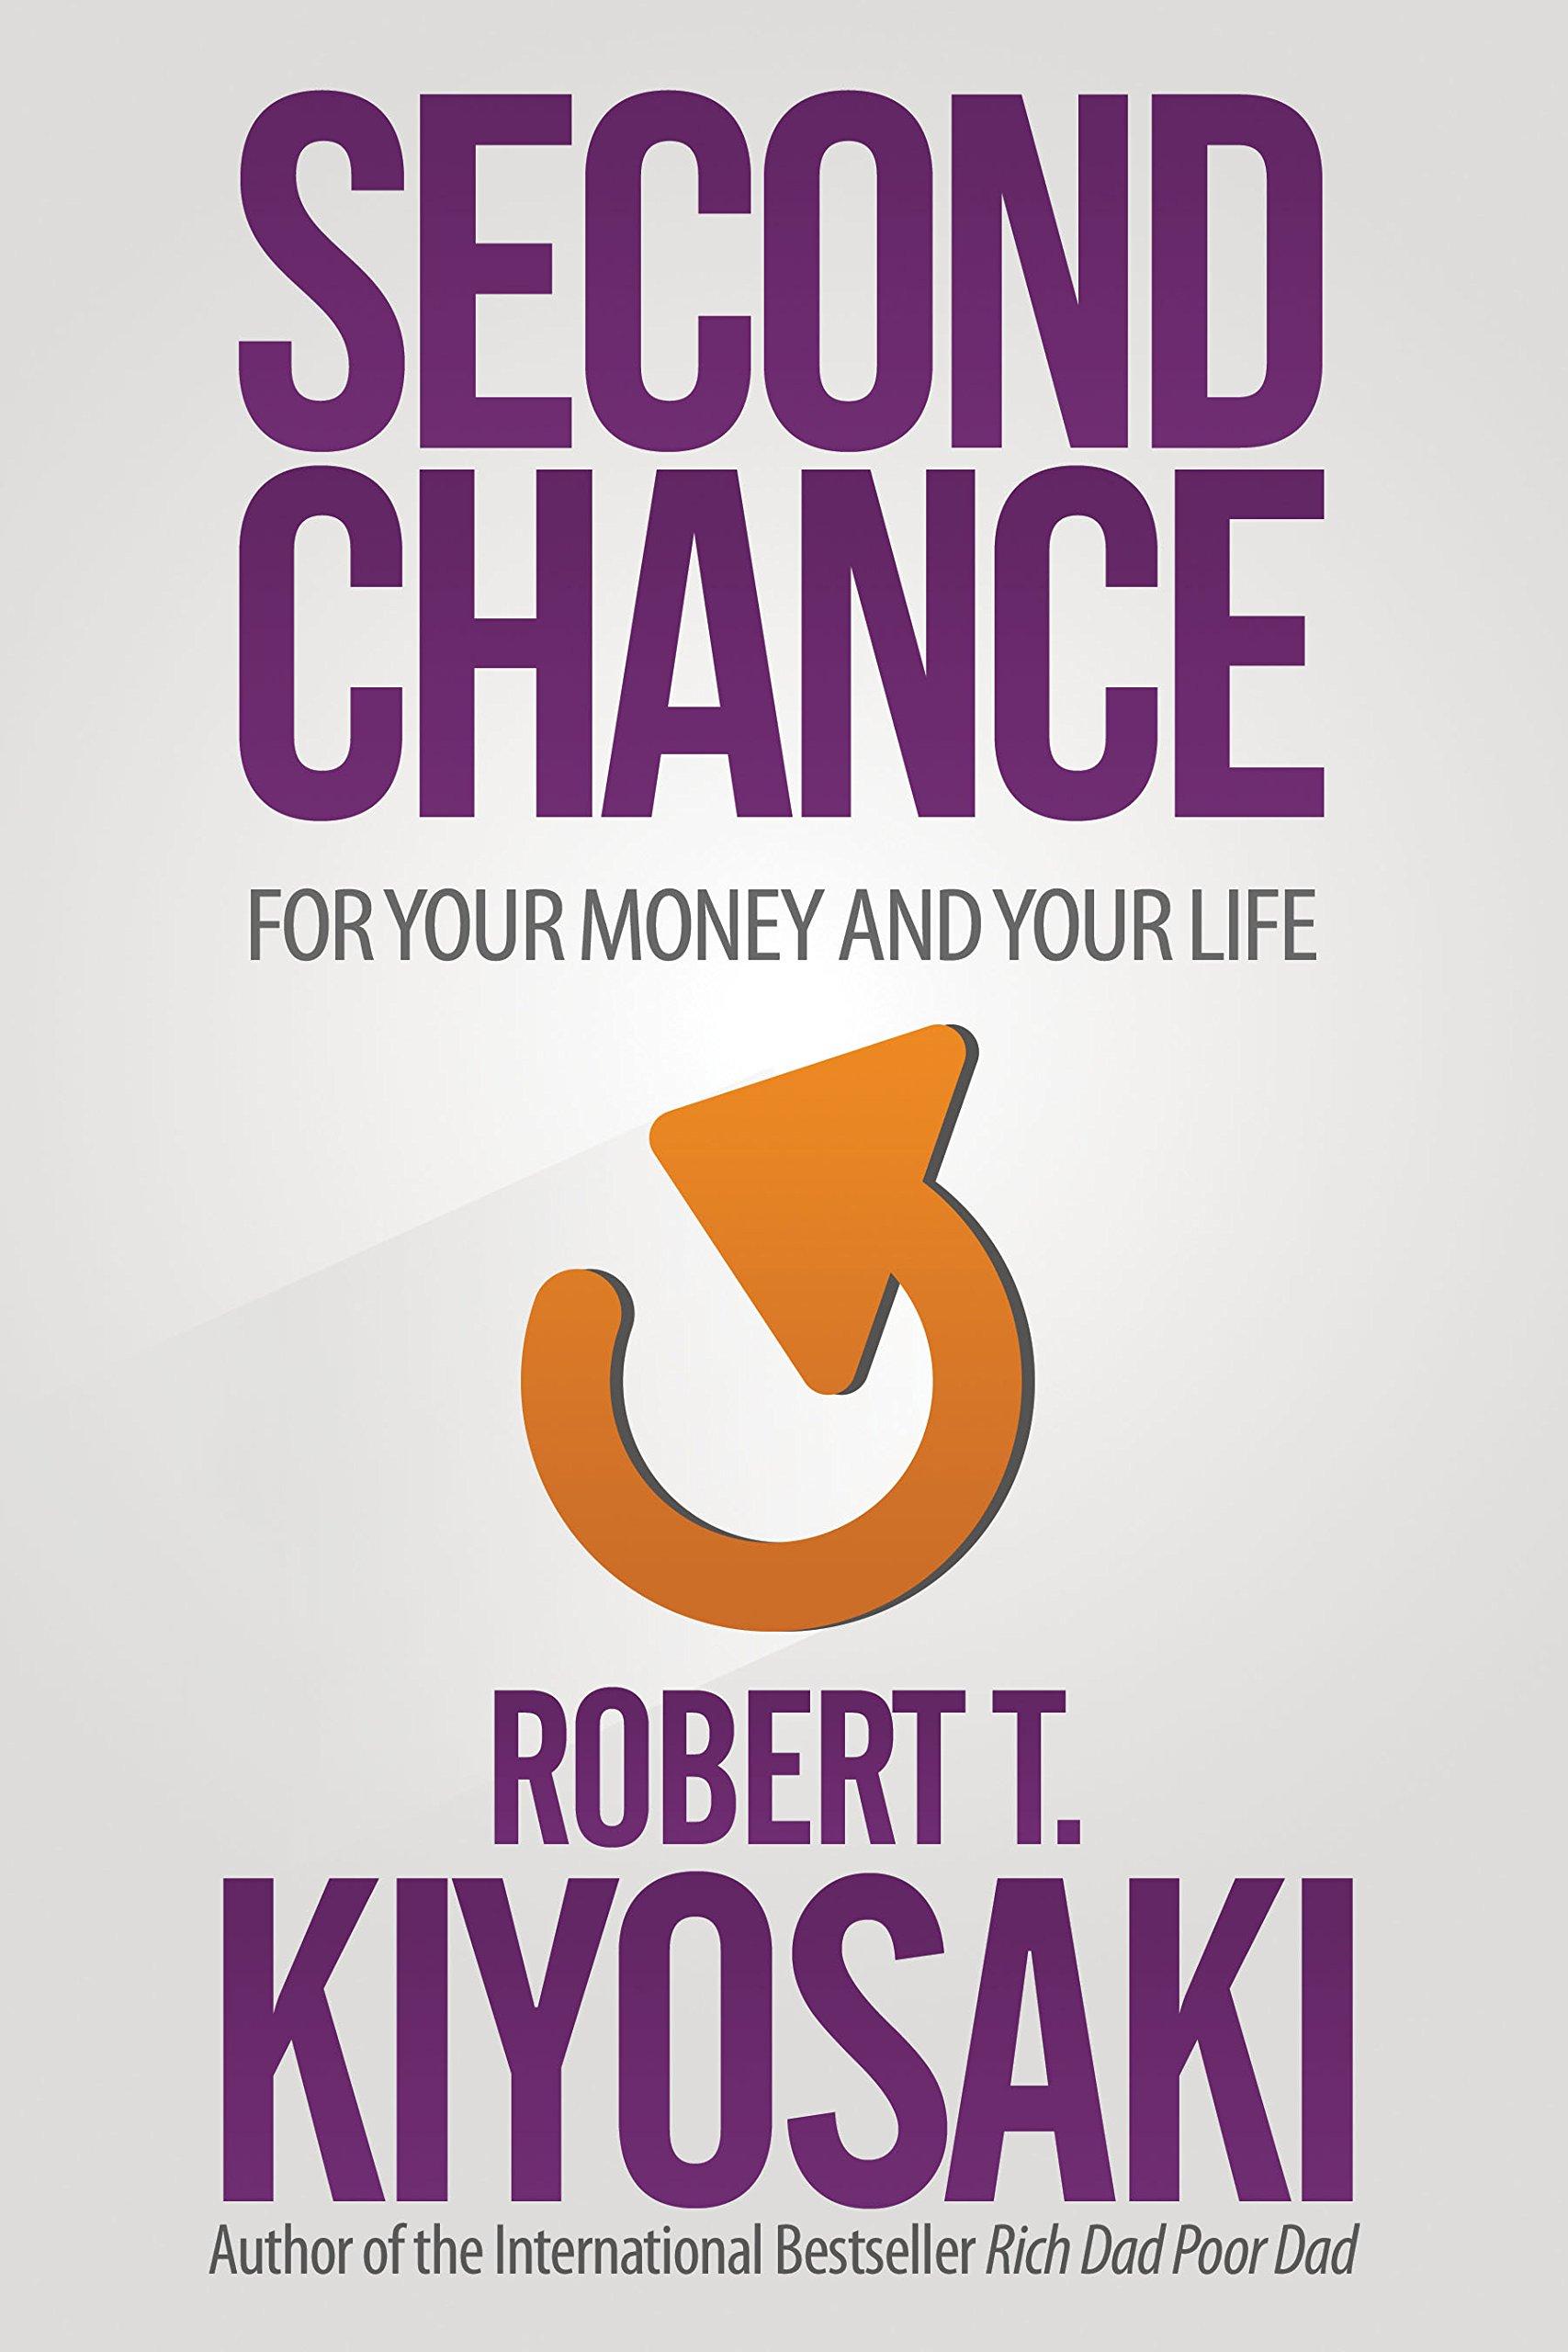 Скачать книгу второй шанс на андроид